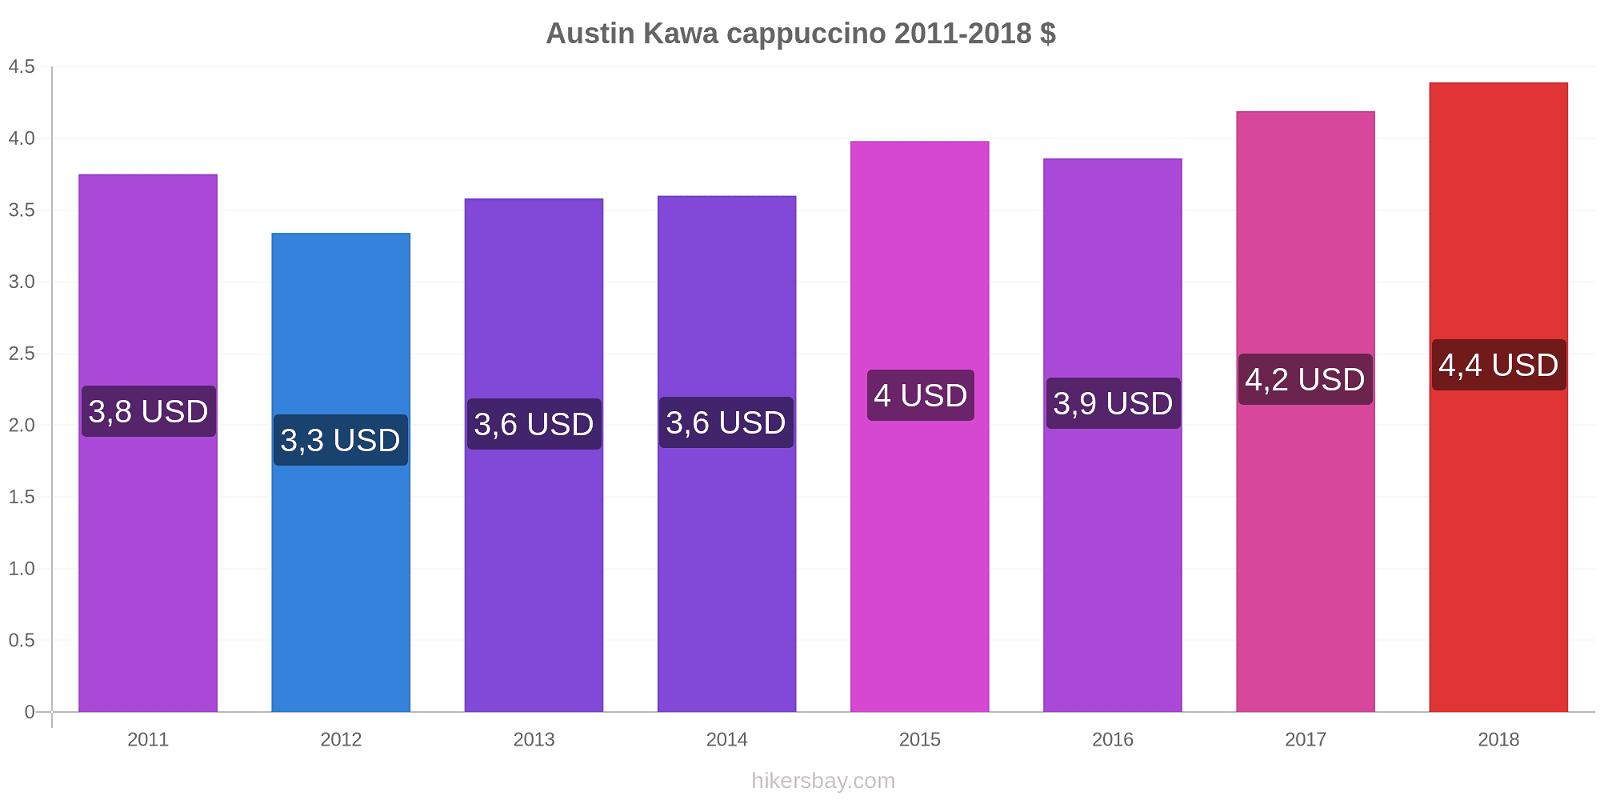 Austin zmiany cen Kawa cappuccino hikersbay.com